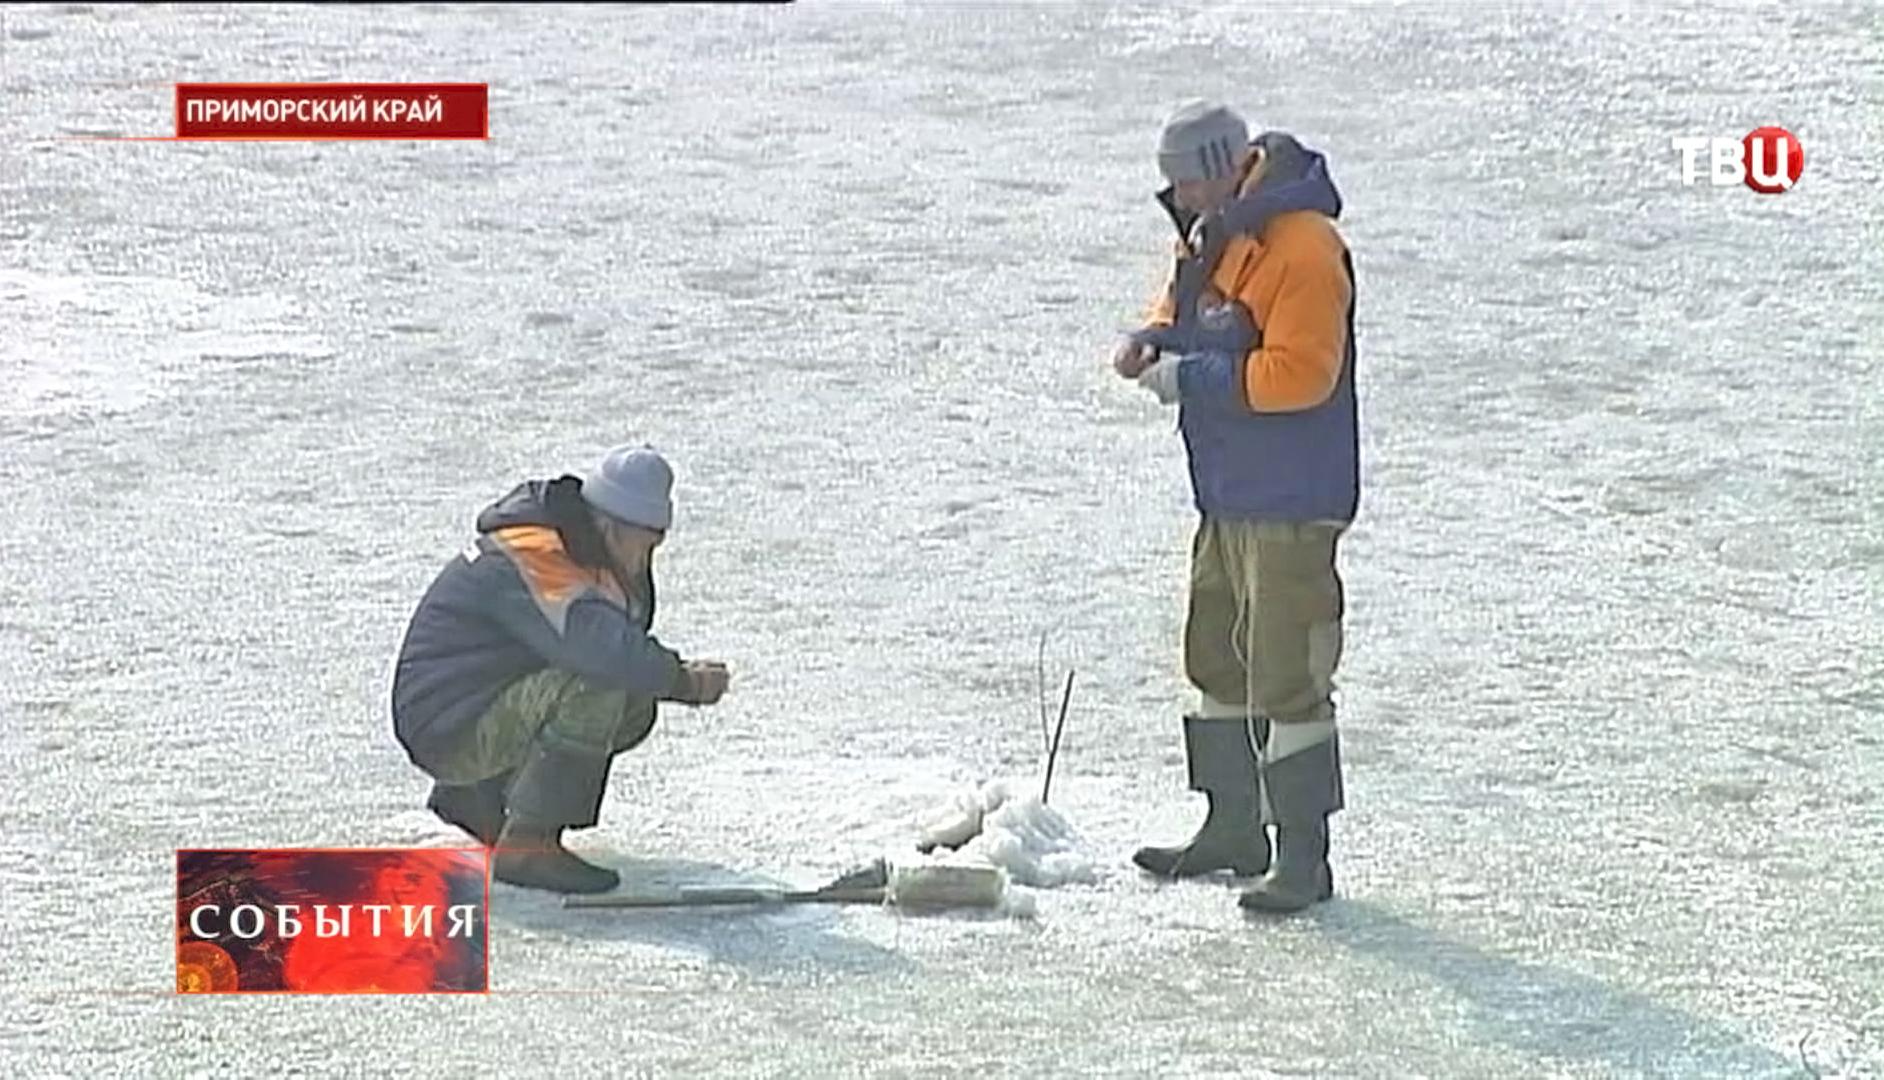 Спасатели МЧС закладывают взрывчатки под лед